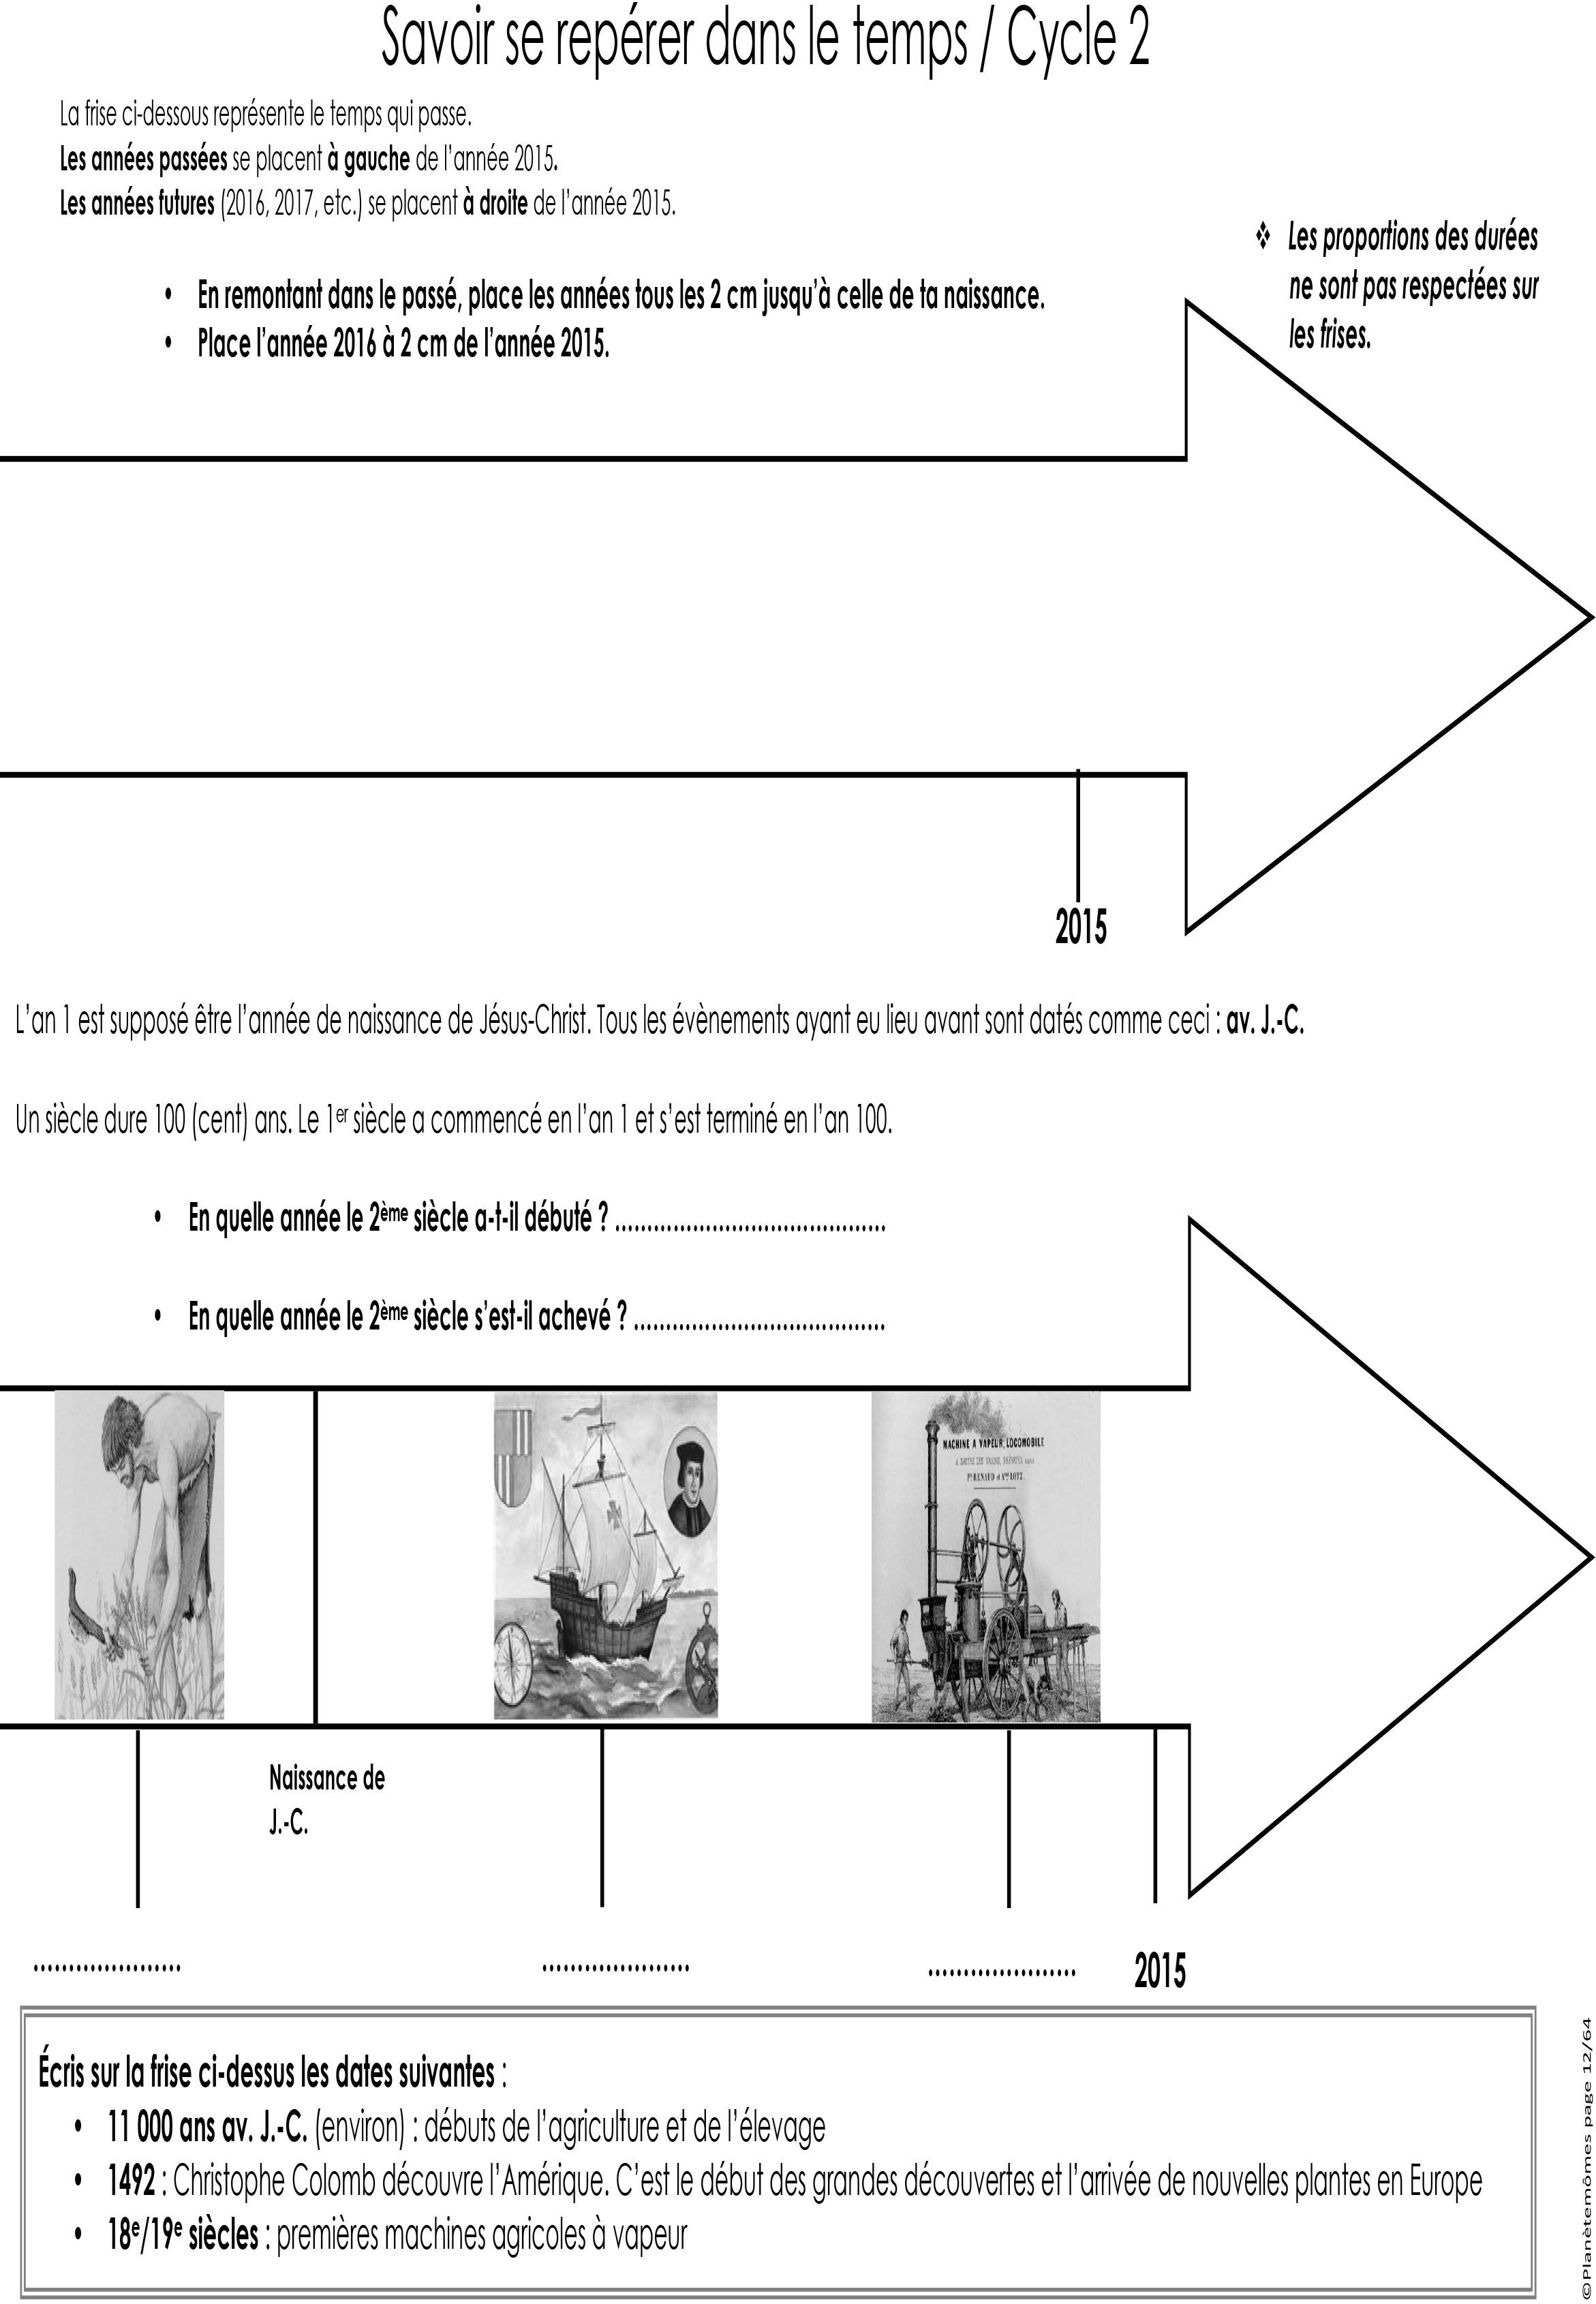 fp_12_savoir_se_repérer_dans_le_temps_cycle_2